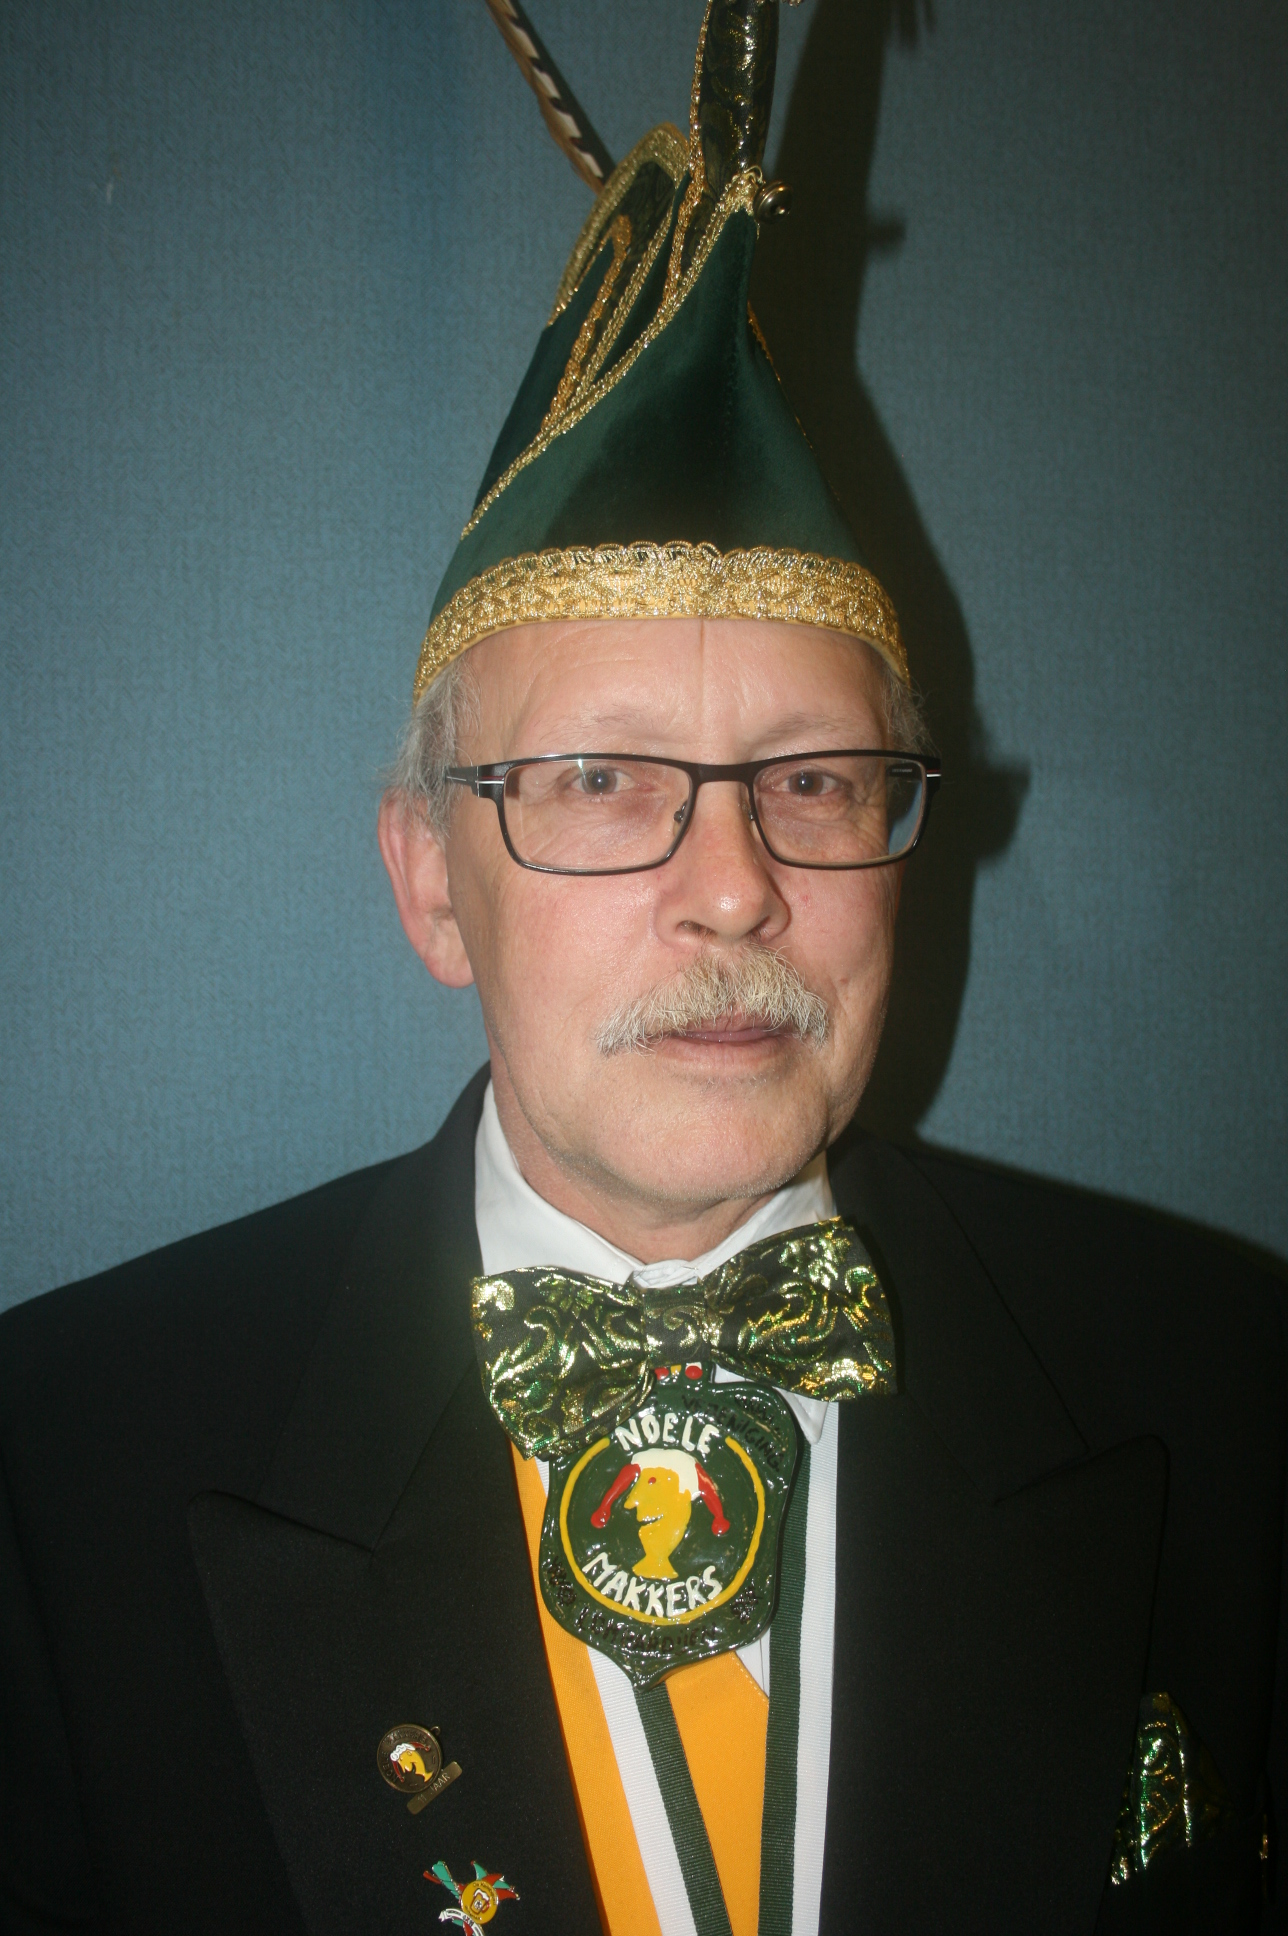 Alg. bestuurslid,<br>Hoofd Huishouding:<br><span>Bouk van der Meer</span>